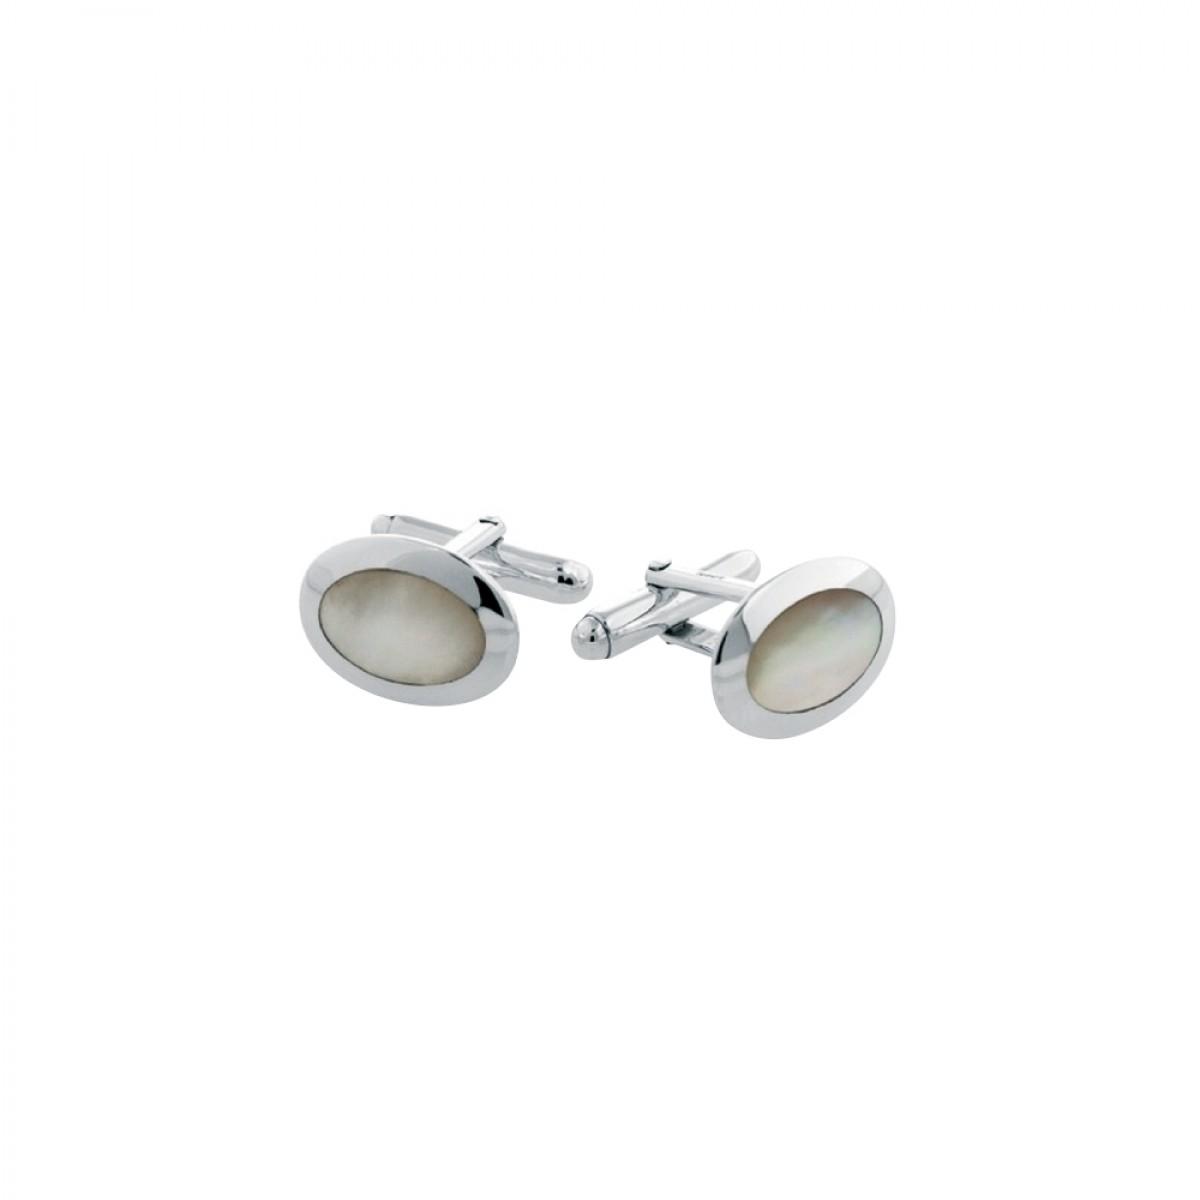 Gemelli in argento - art. BT028